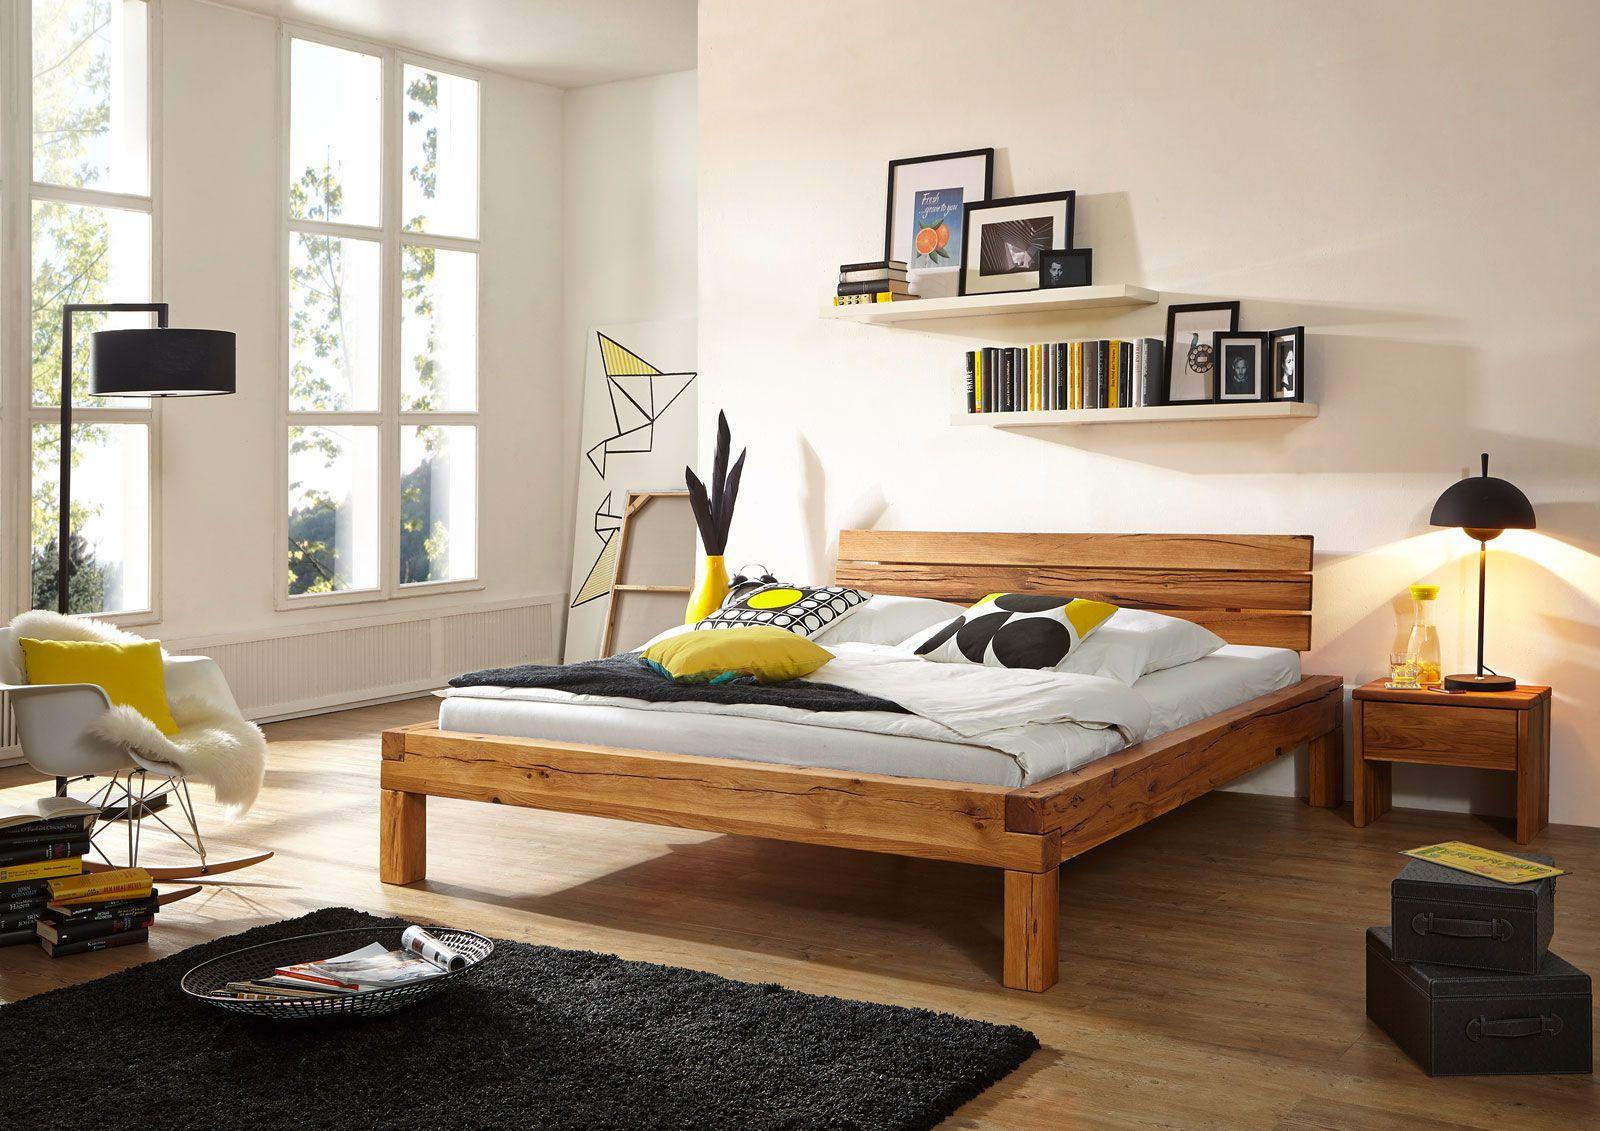 sam® balkenbett kernbuche benno massiv holzbett 200 x 200 cm, Schlafzimmer entwurf